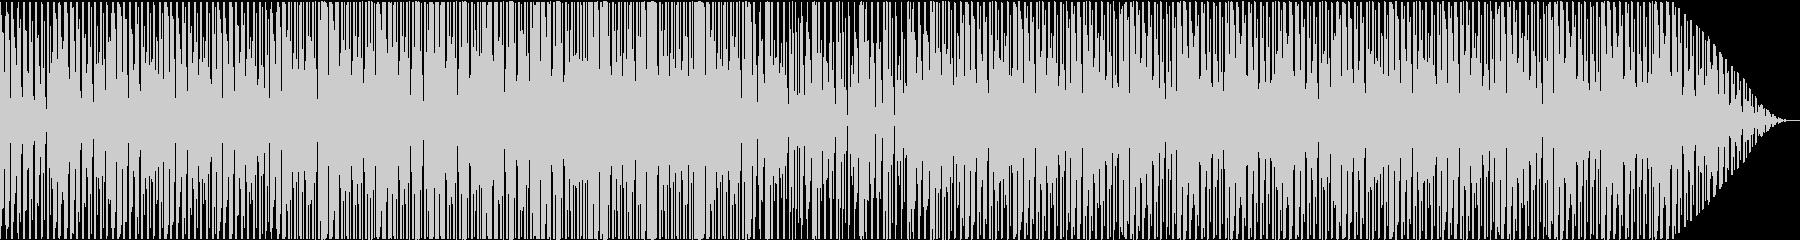 無機質にリズムを叩き出す大人なEDMの未再生の波形